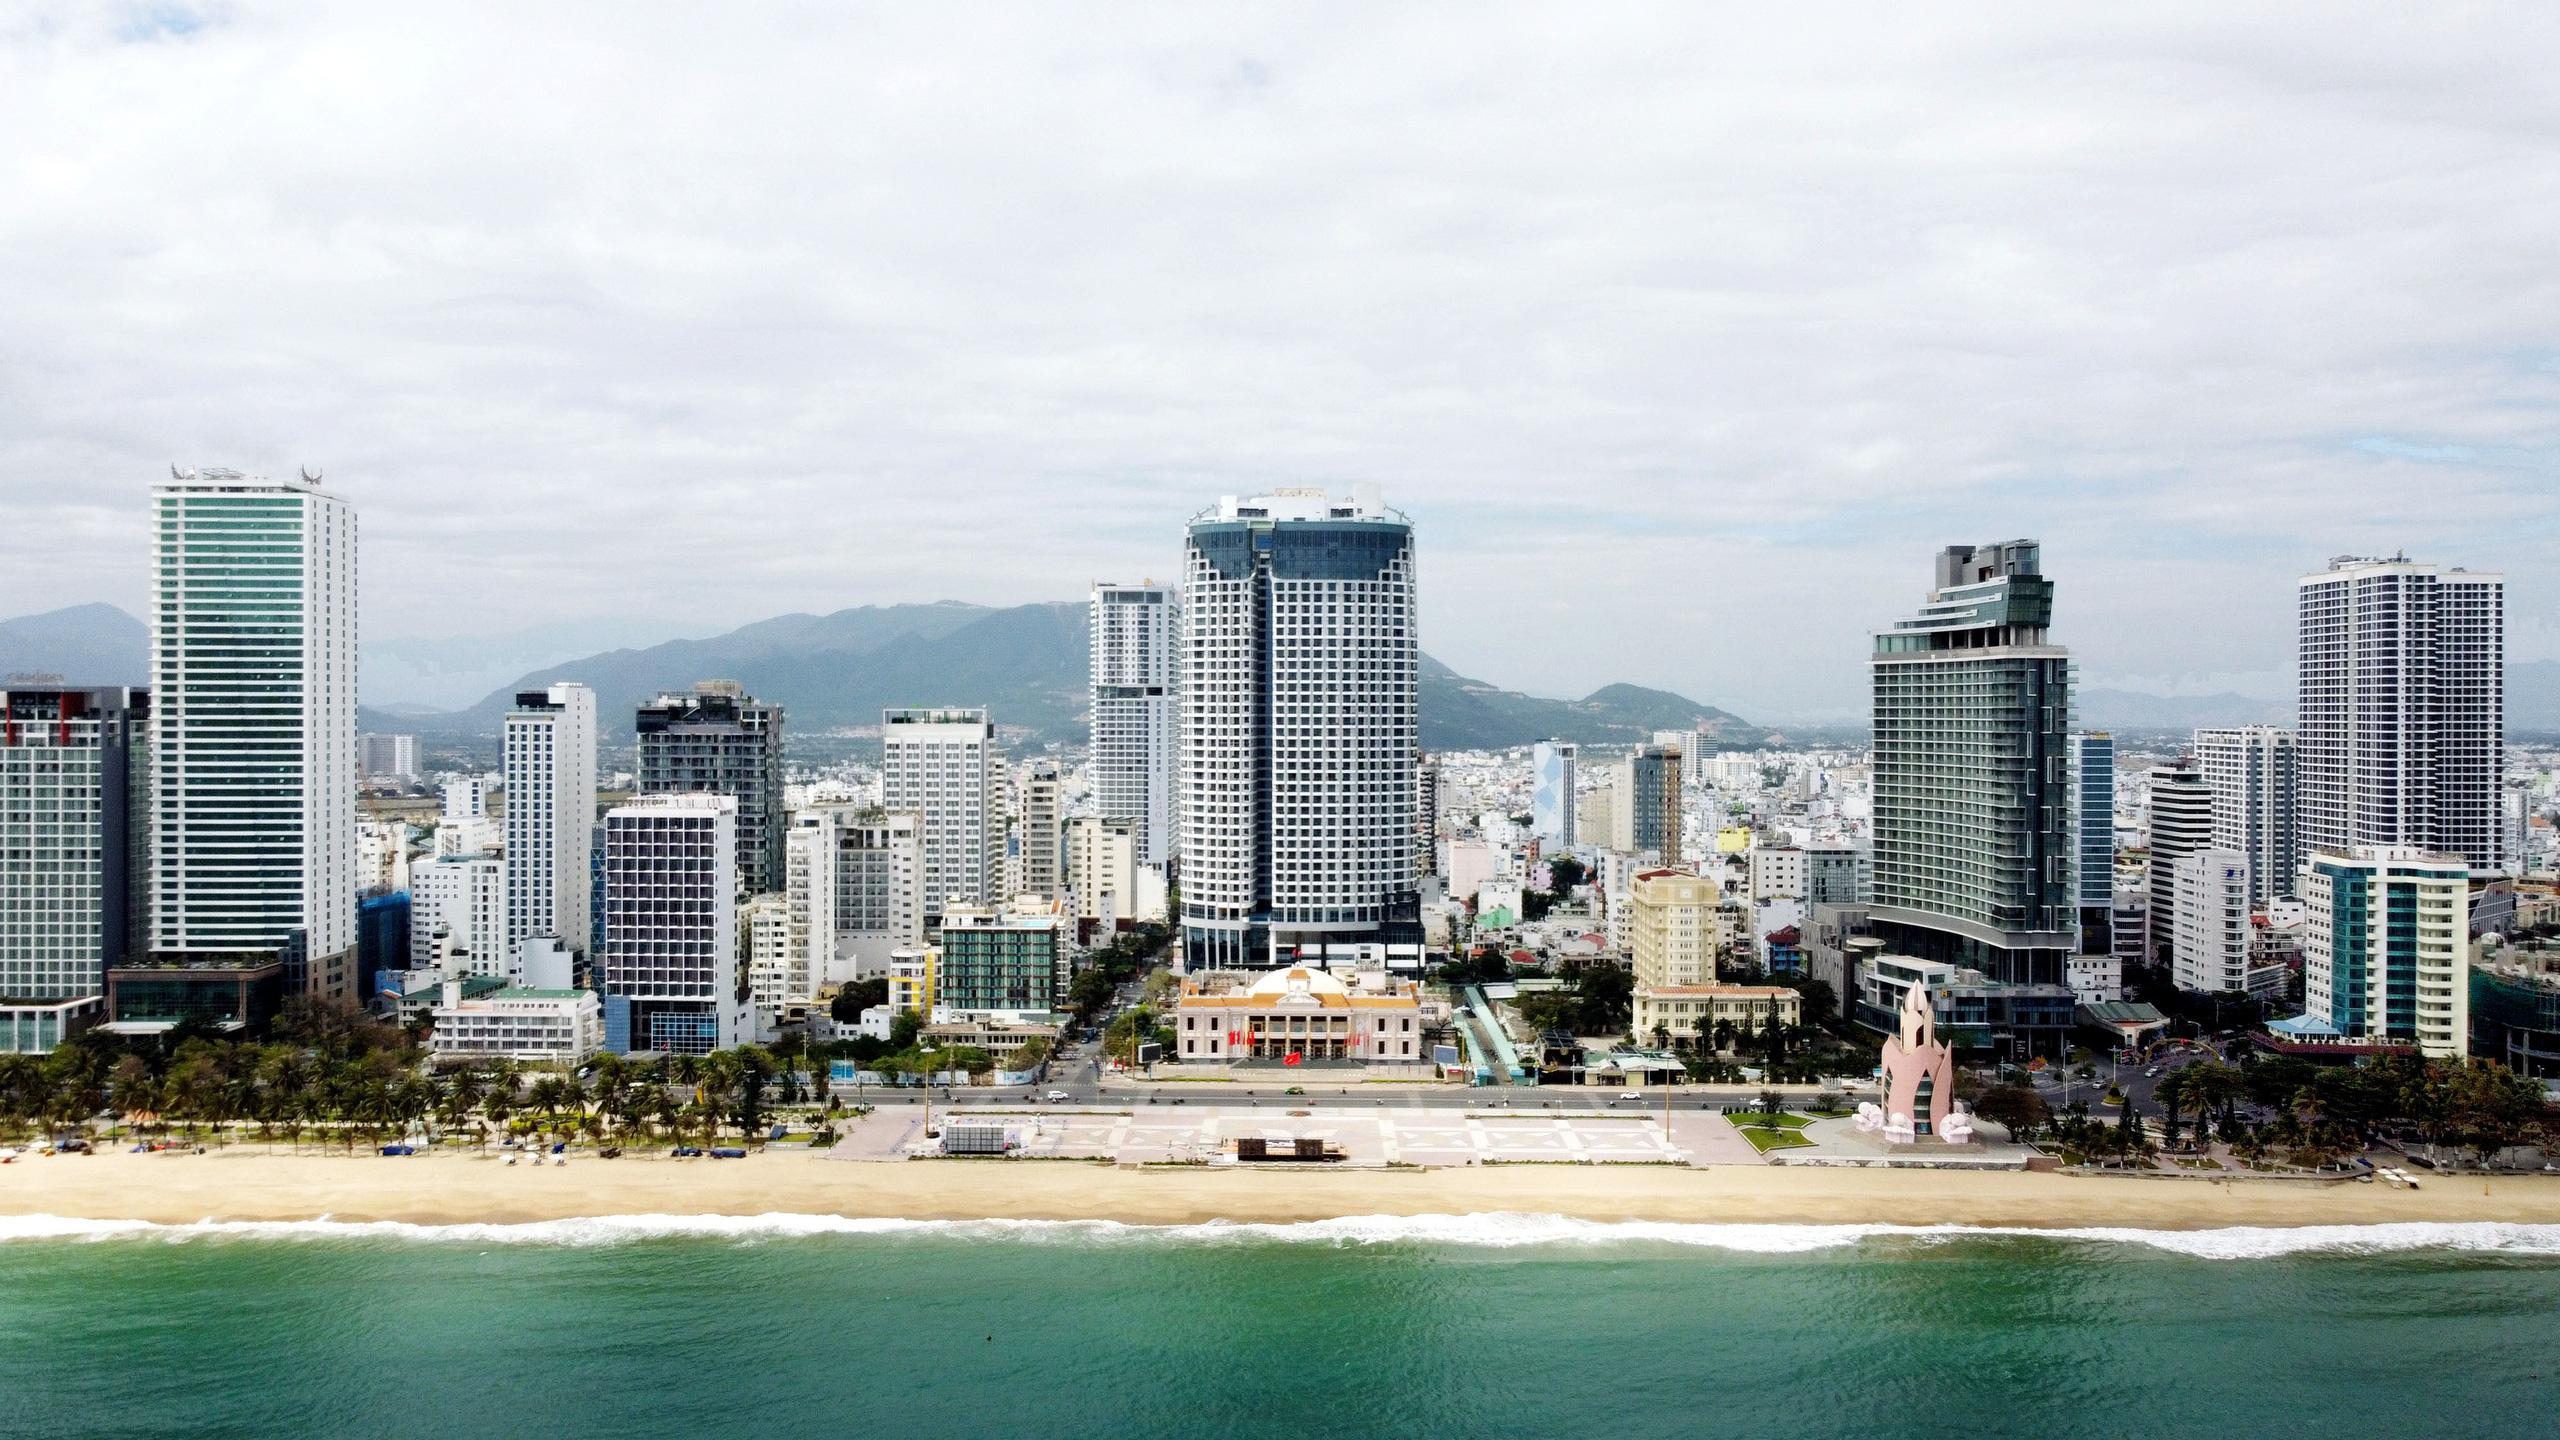 Ông Trần Tuấn Anh: Khánh Hòa cần làm rõ đặc thù của đô thị trực thuộc Trung ương - Ảnh 3.